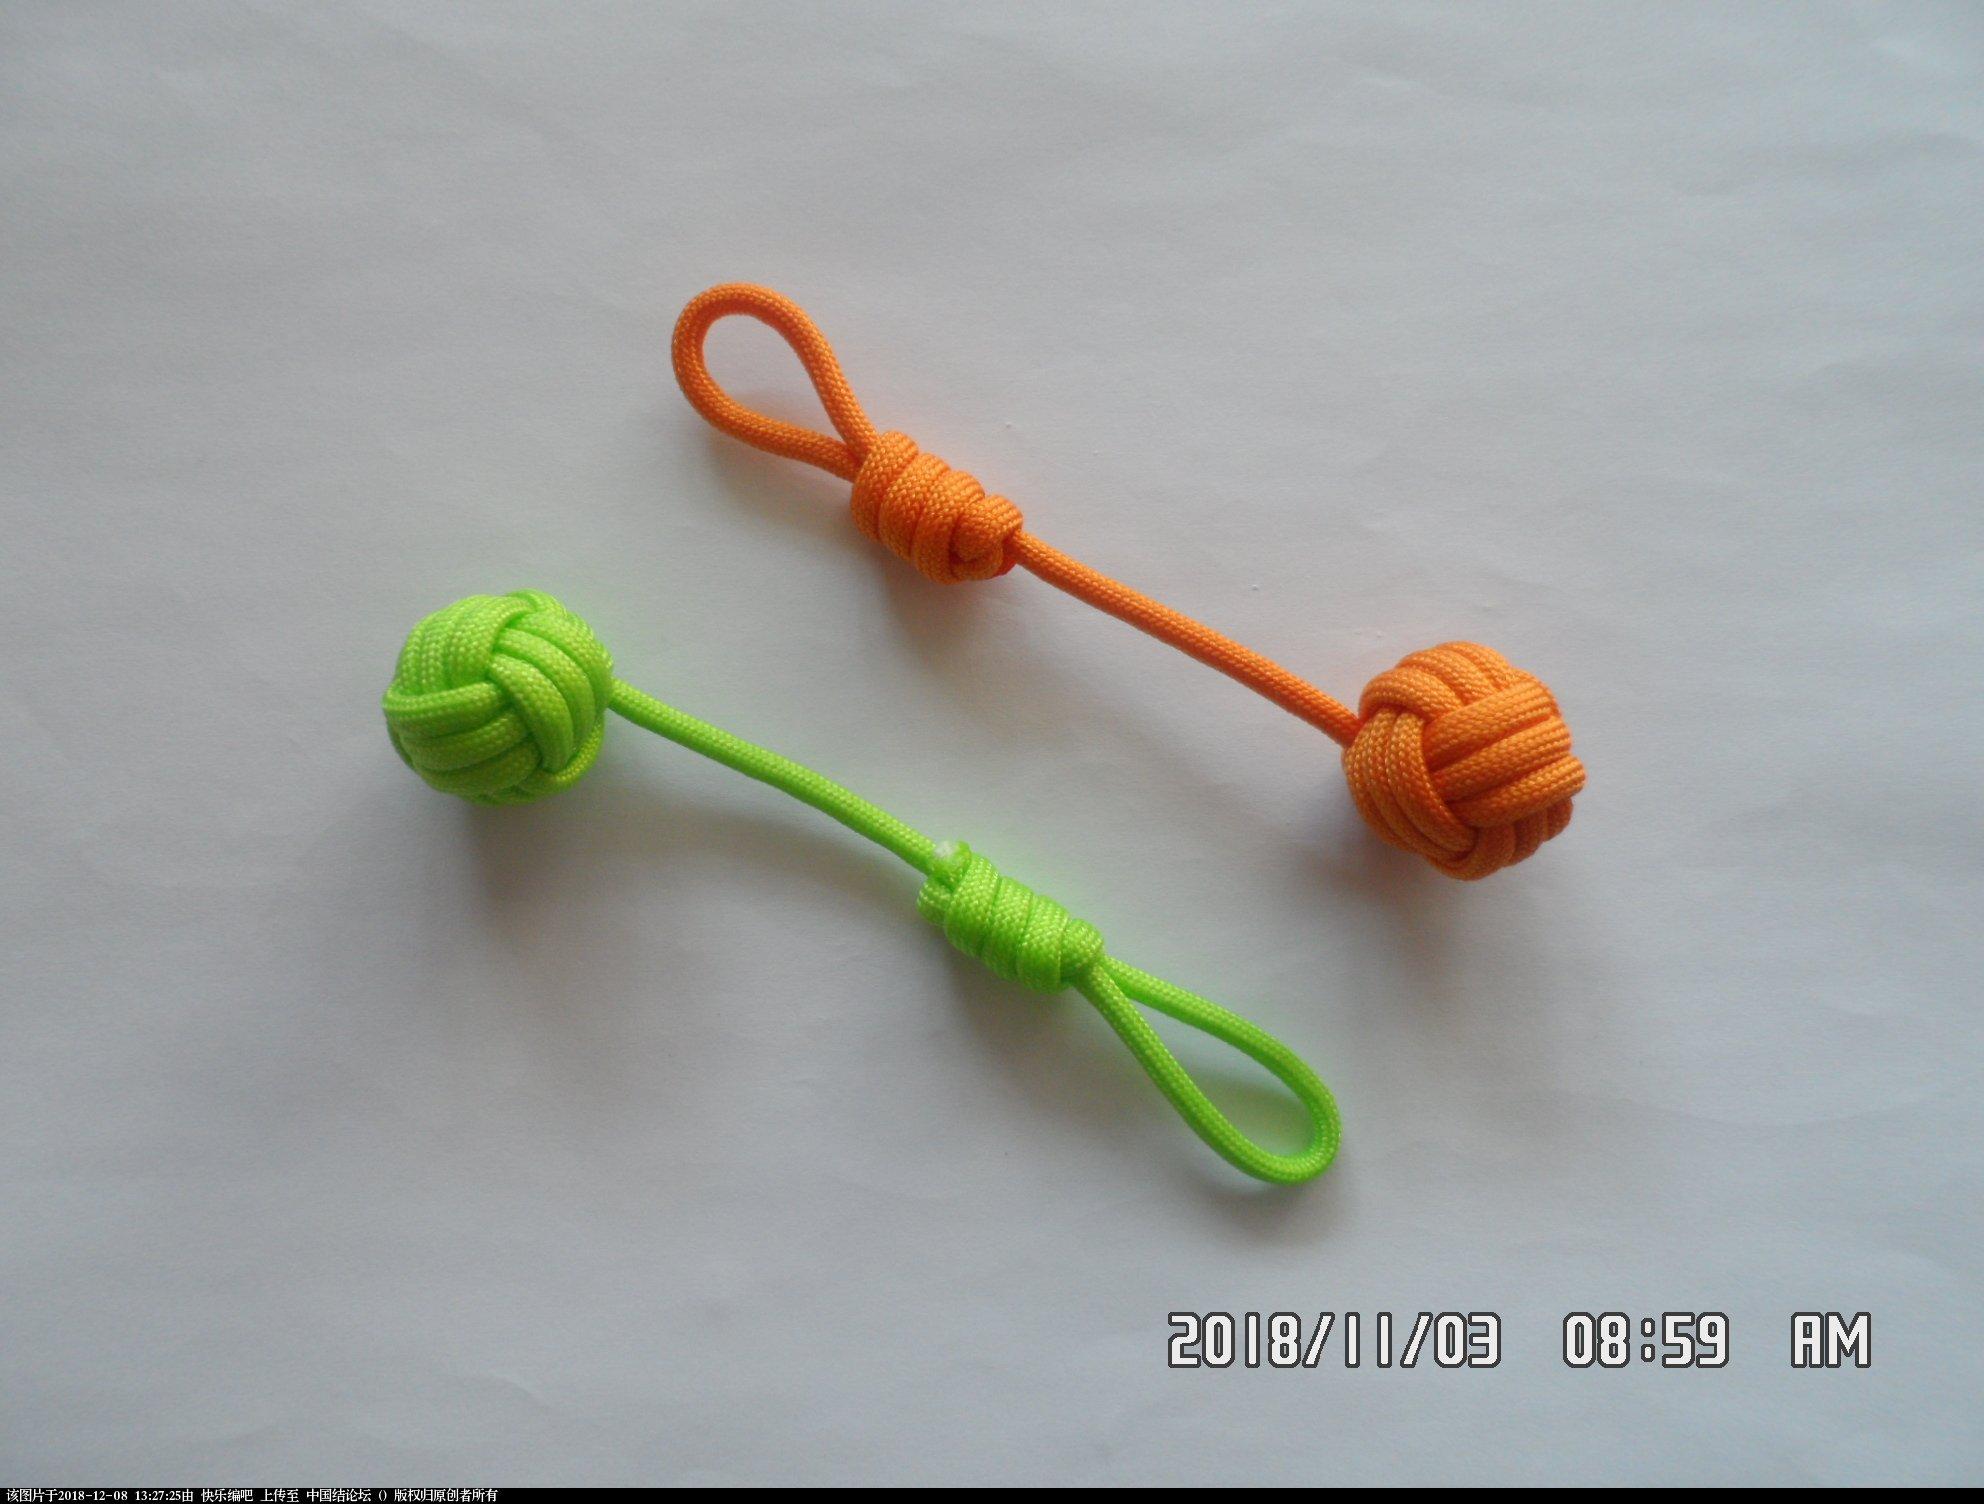 中国结论坛 简单实用的伞绳小挂件(5)—— 猴拳结还可以这样编  图文教程区 124729bm8dj00ozsj6sd4o